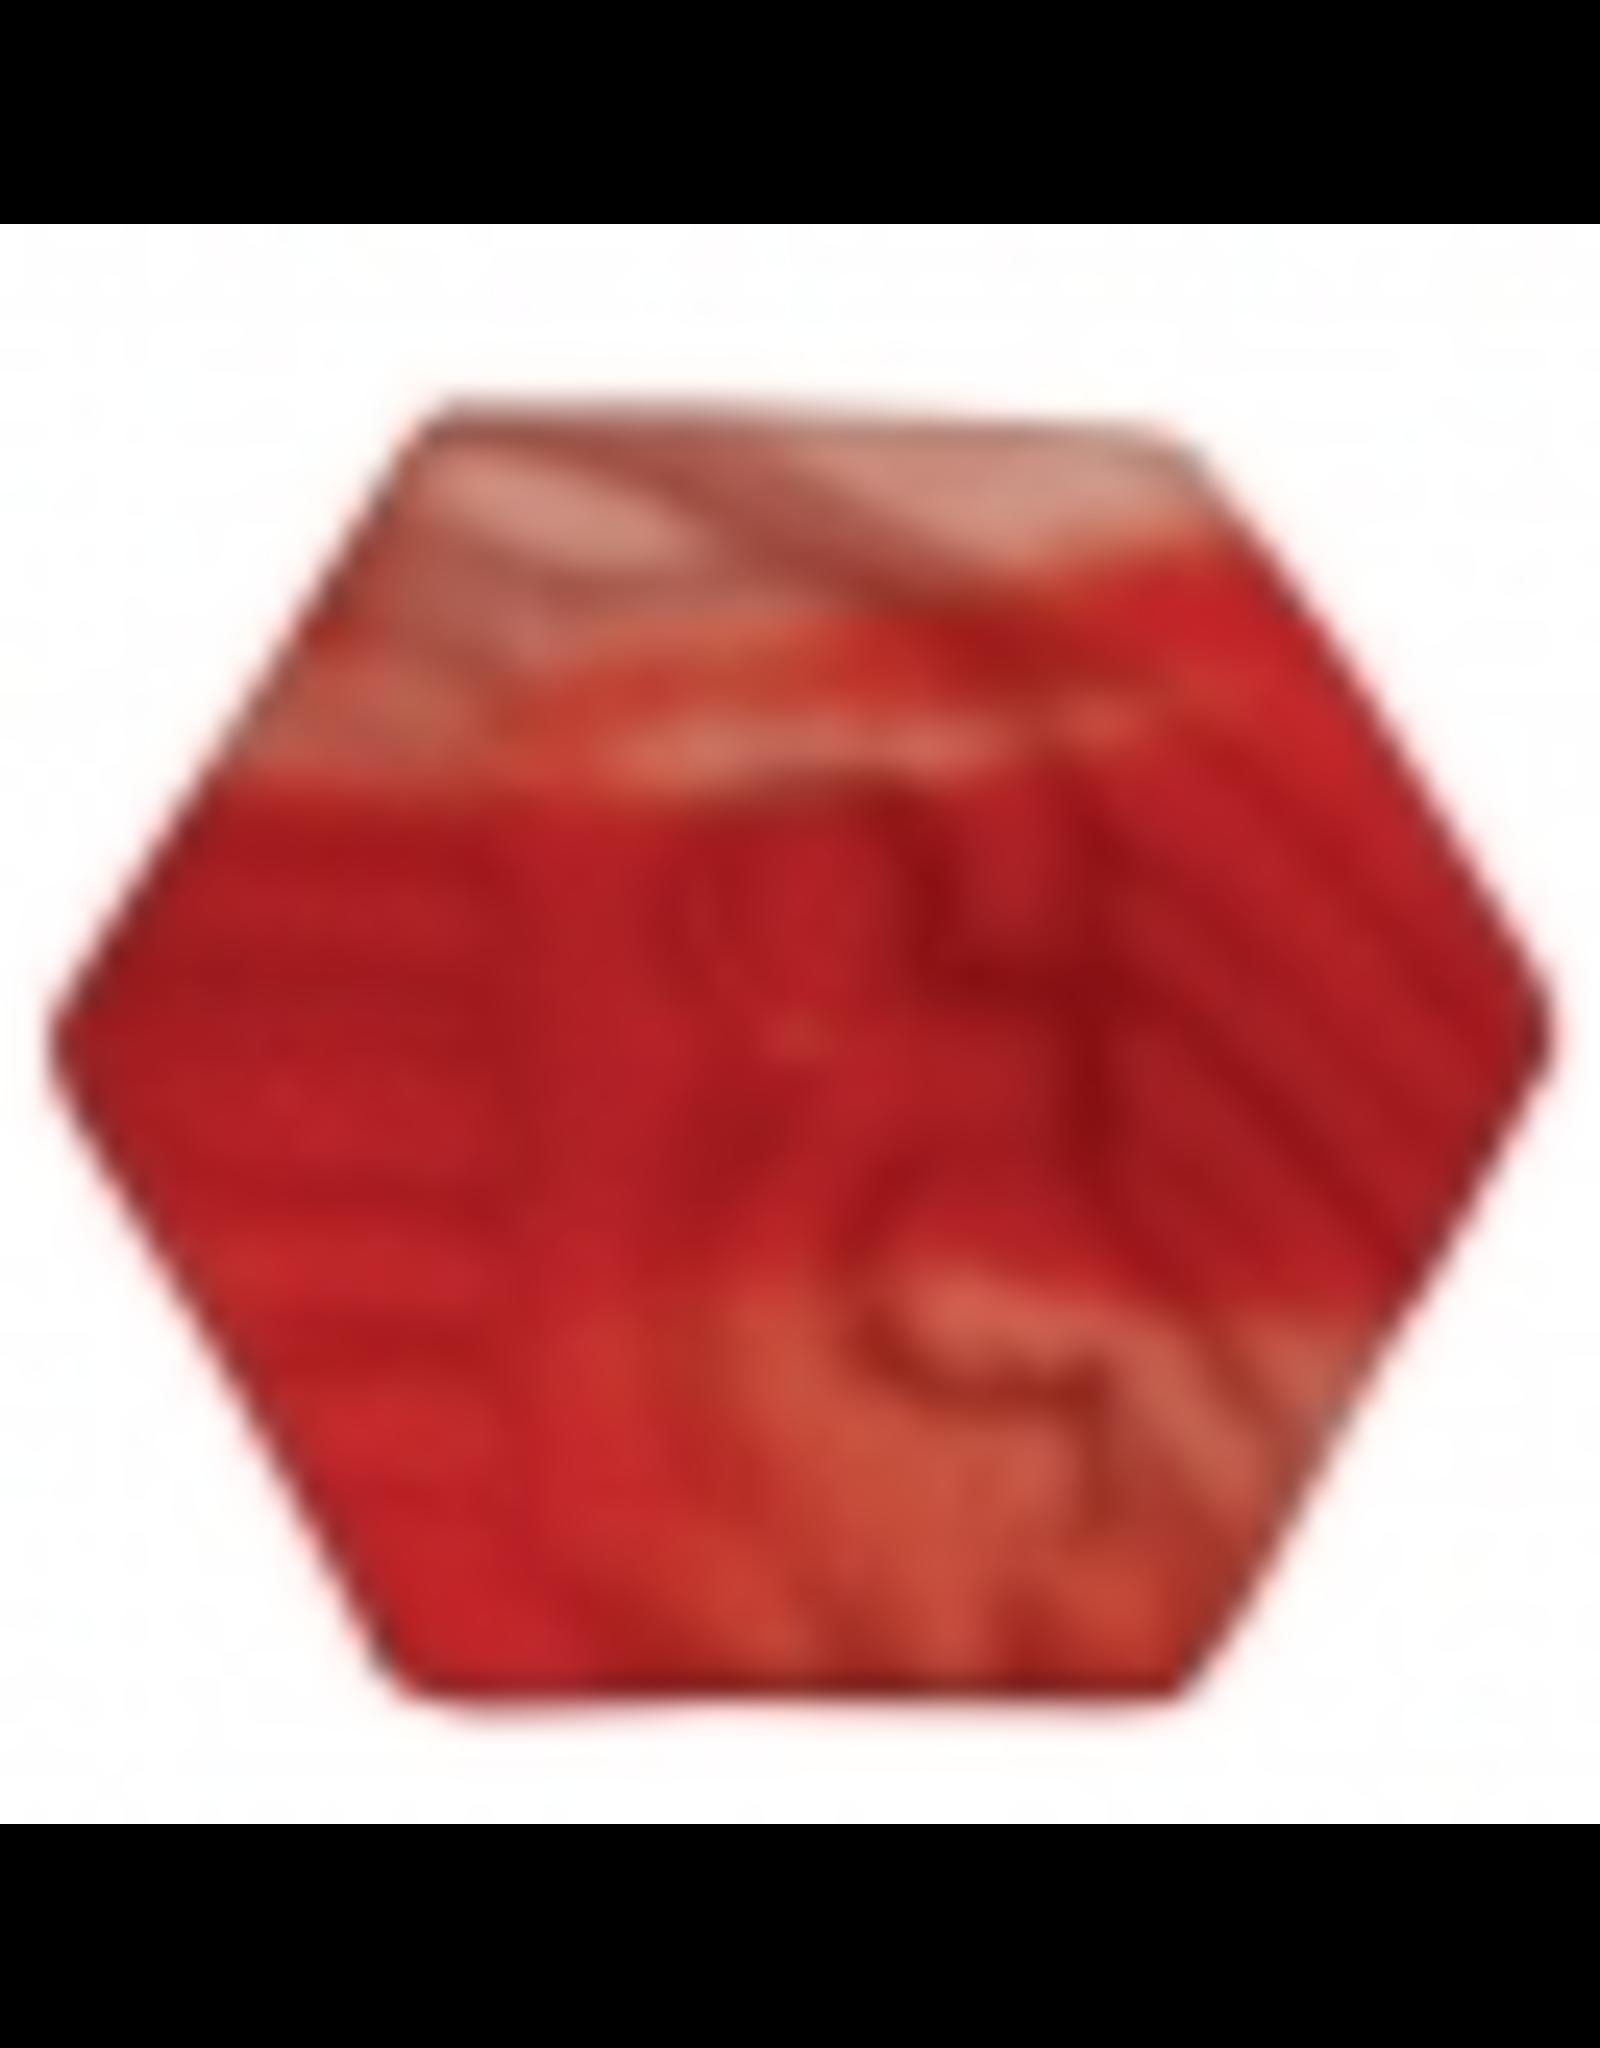 Potterycrafts Bright Red On-glaze